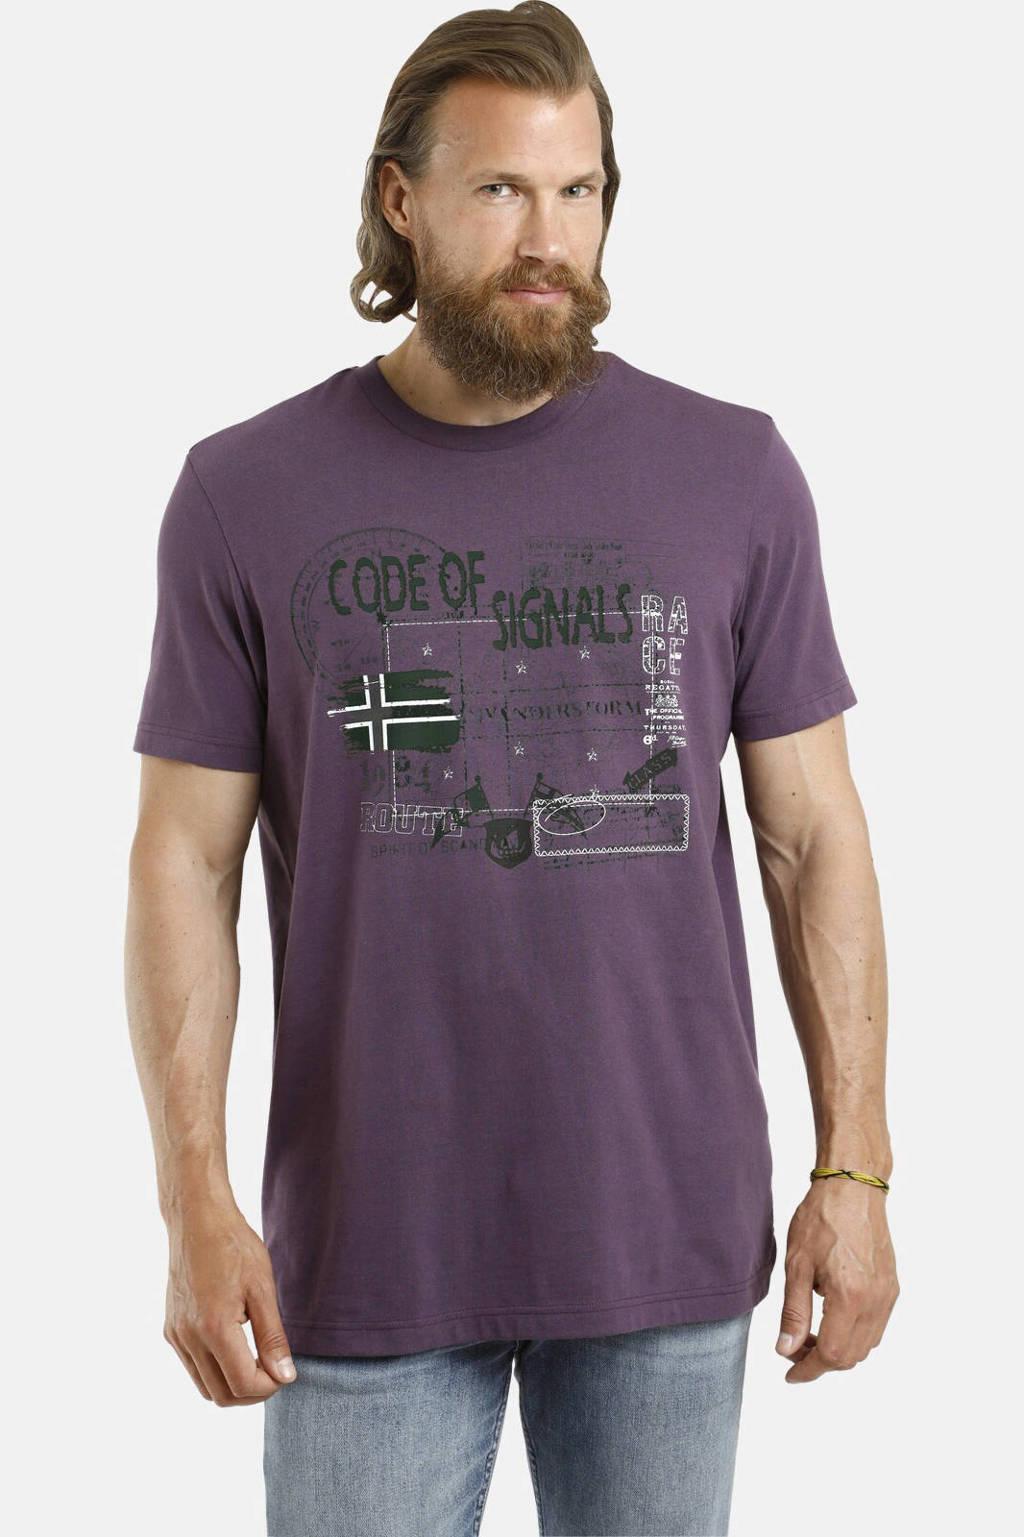 Jan Vanderstorm T-shirt Plus Size Gjurd met printopdruk paars, Paars